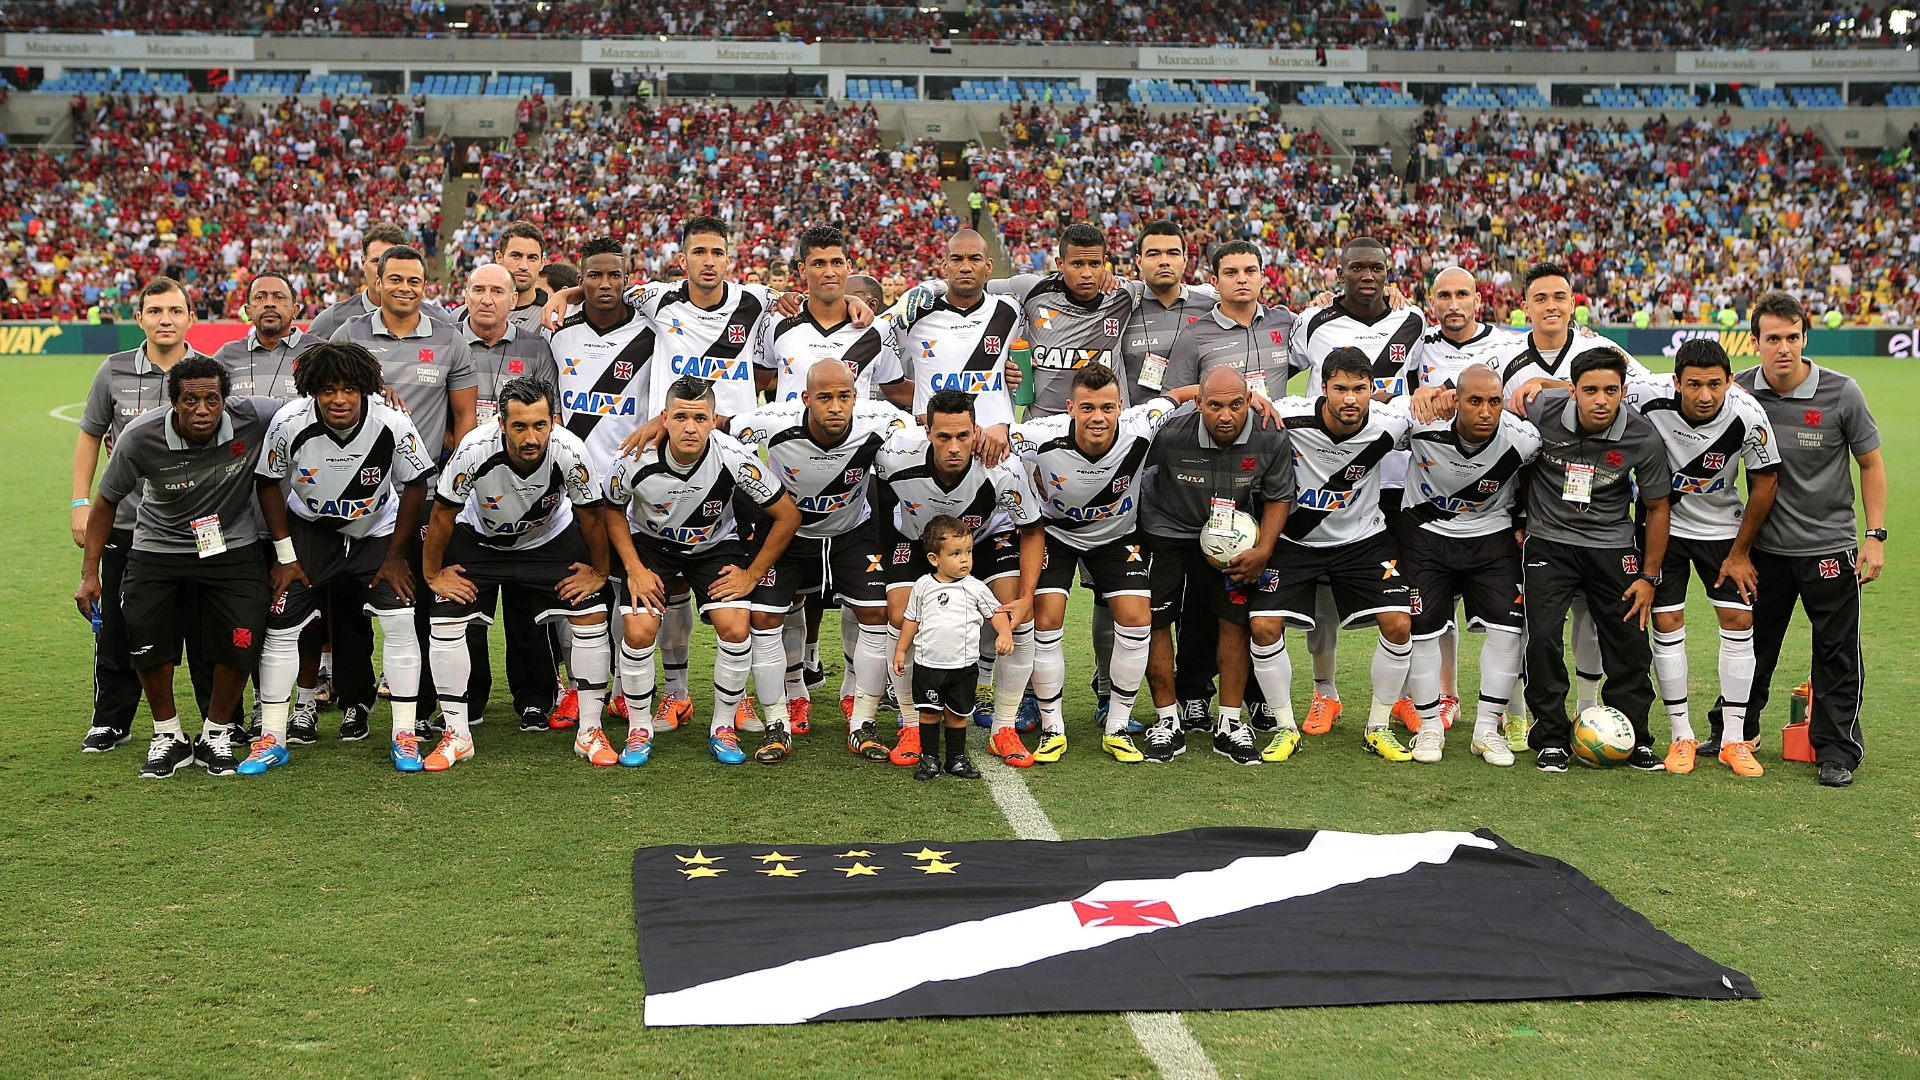 Equipe do Vasco posa para foto antes da final do Carioca contra o Flamengo